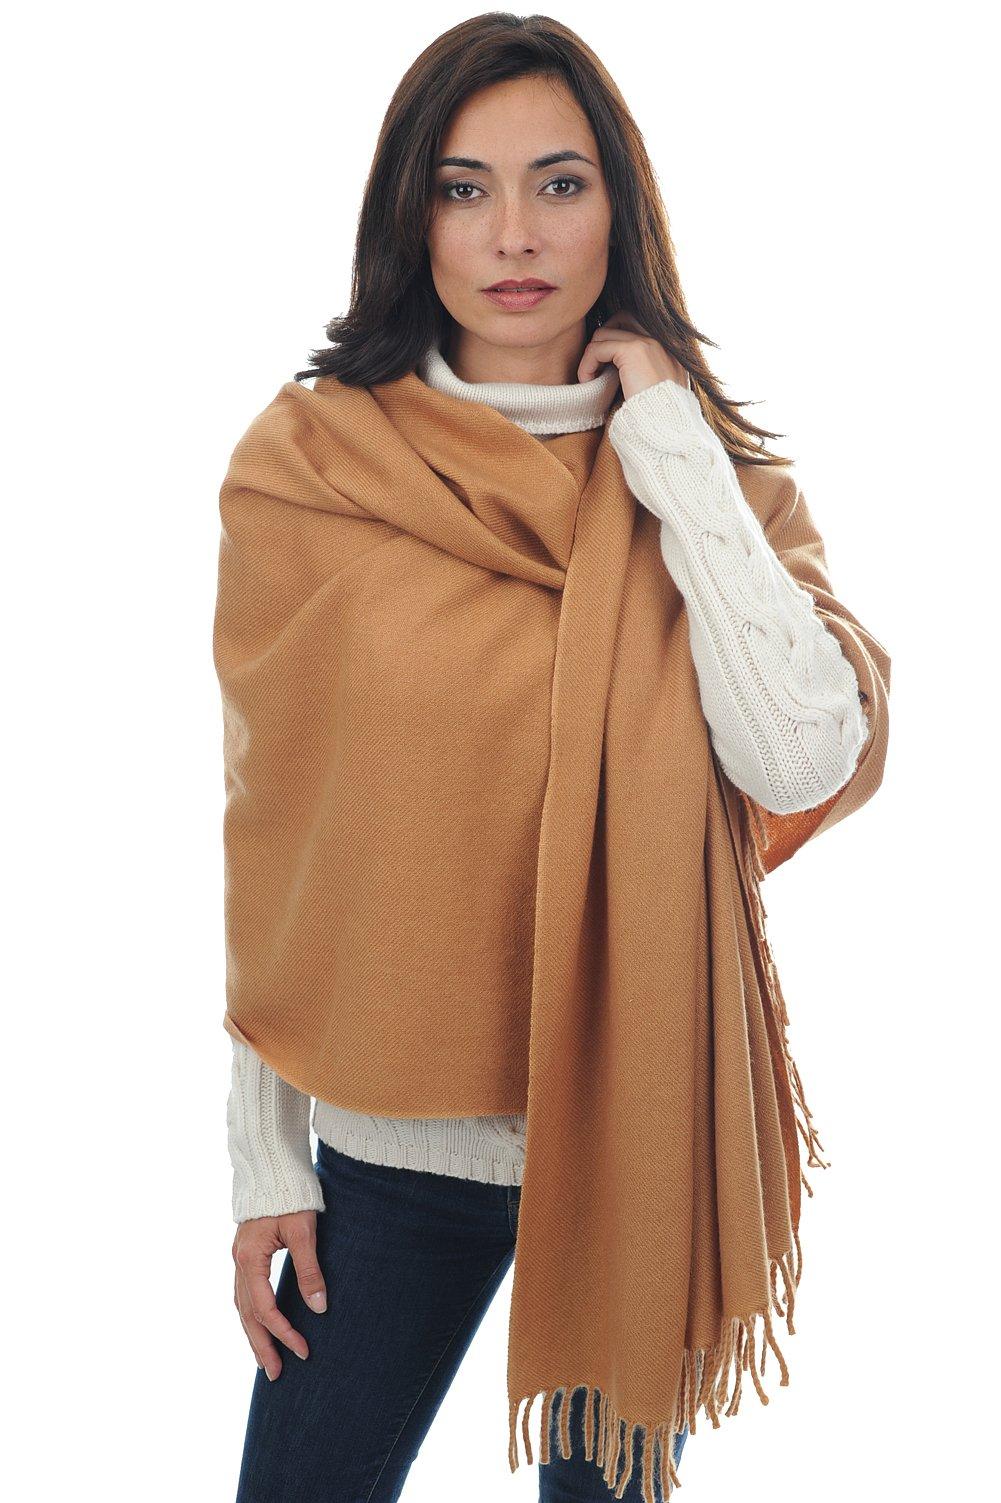 3f43230803a5 Accessoire Top Tendance Écharpe Femme Étole Pashmina Cachemire Foulard  Châle Automne – Hiver Touché Soyeux Couleur Uni 200 x 90cm (+ 30 couleurs)